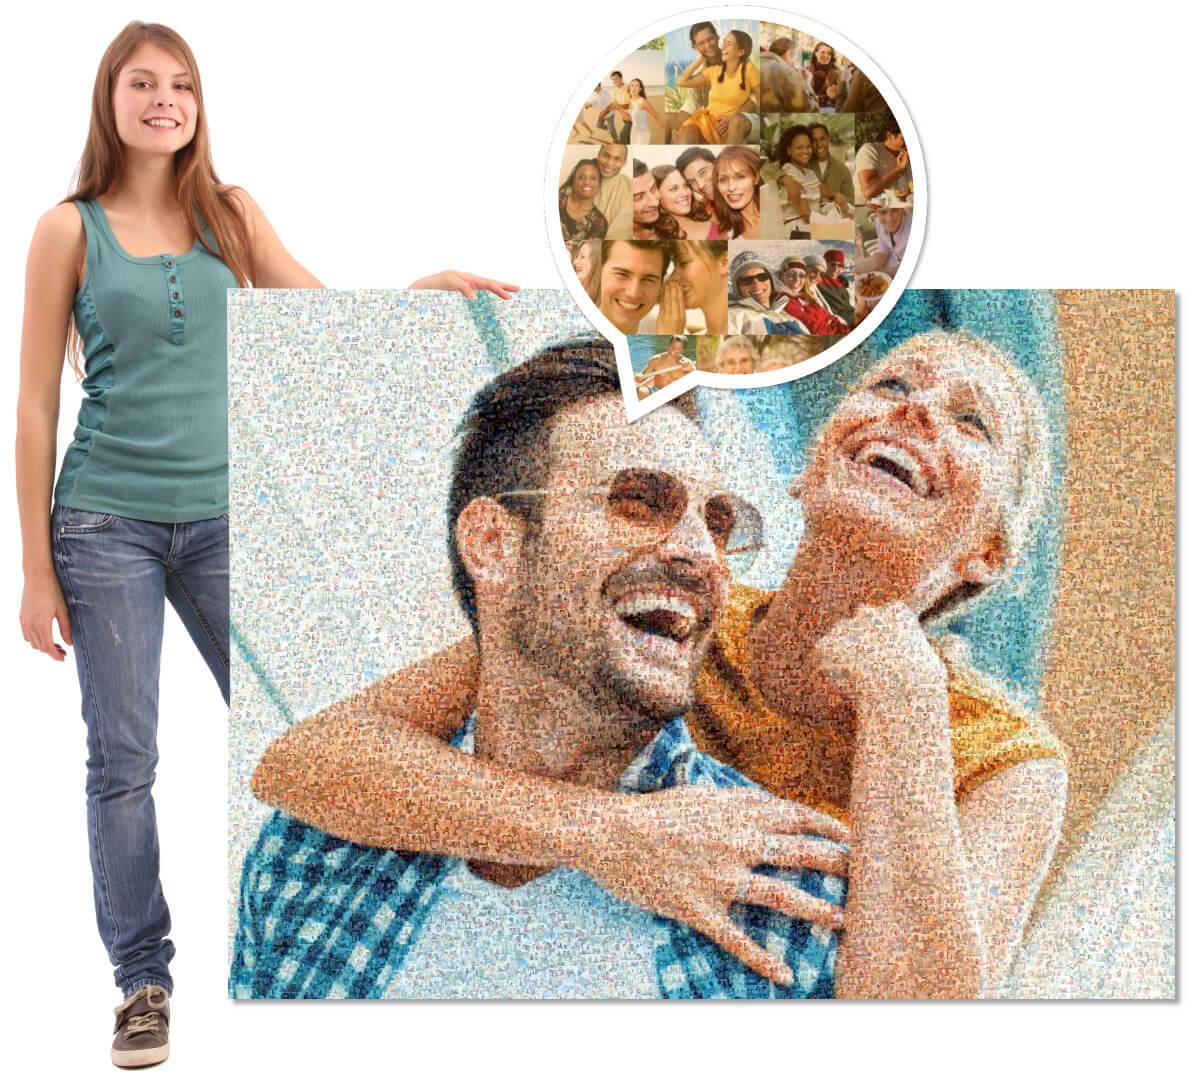 Mosaikbild erstellen